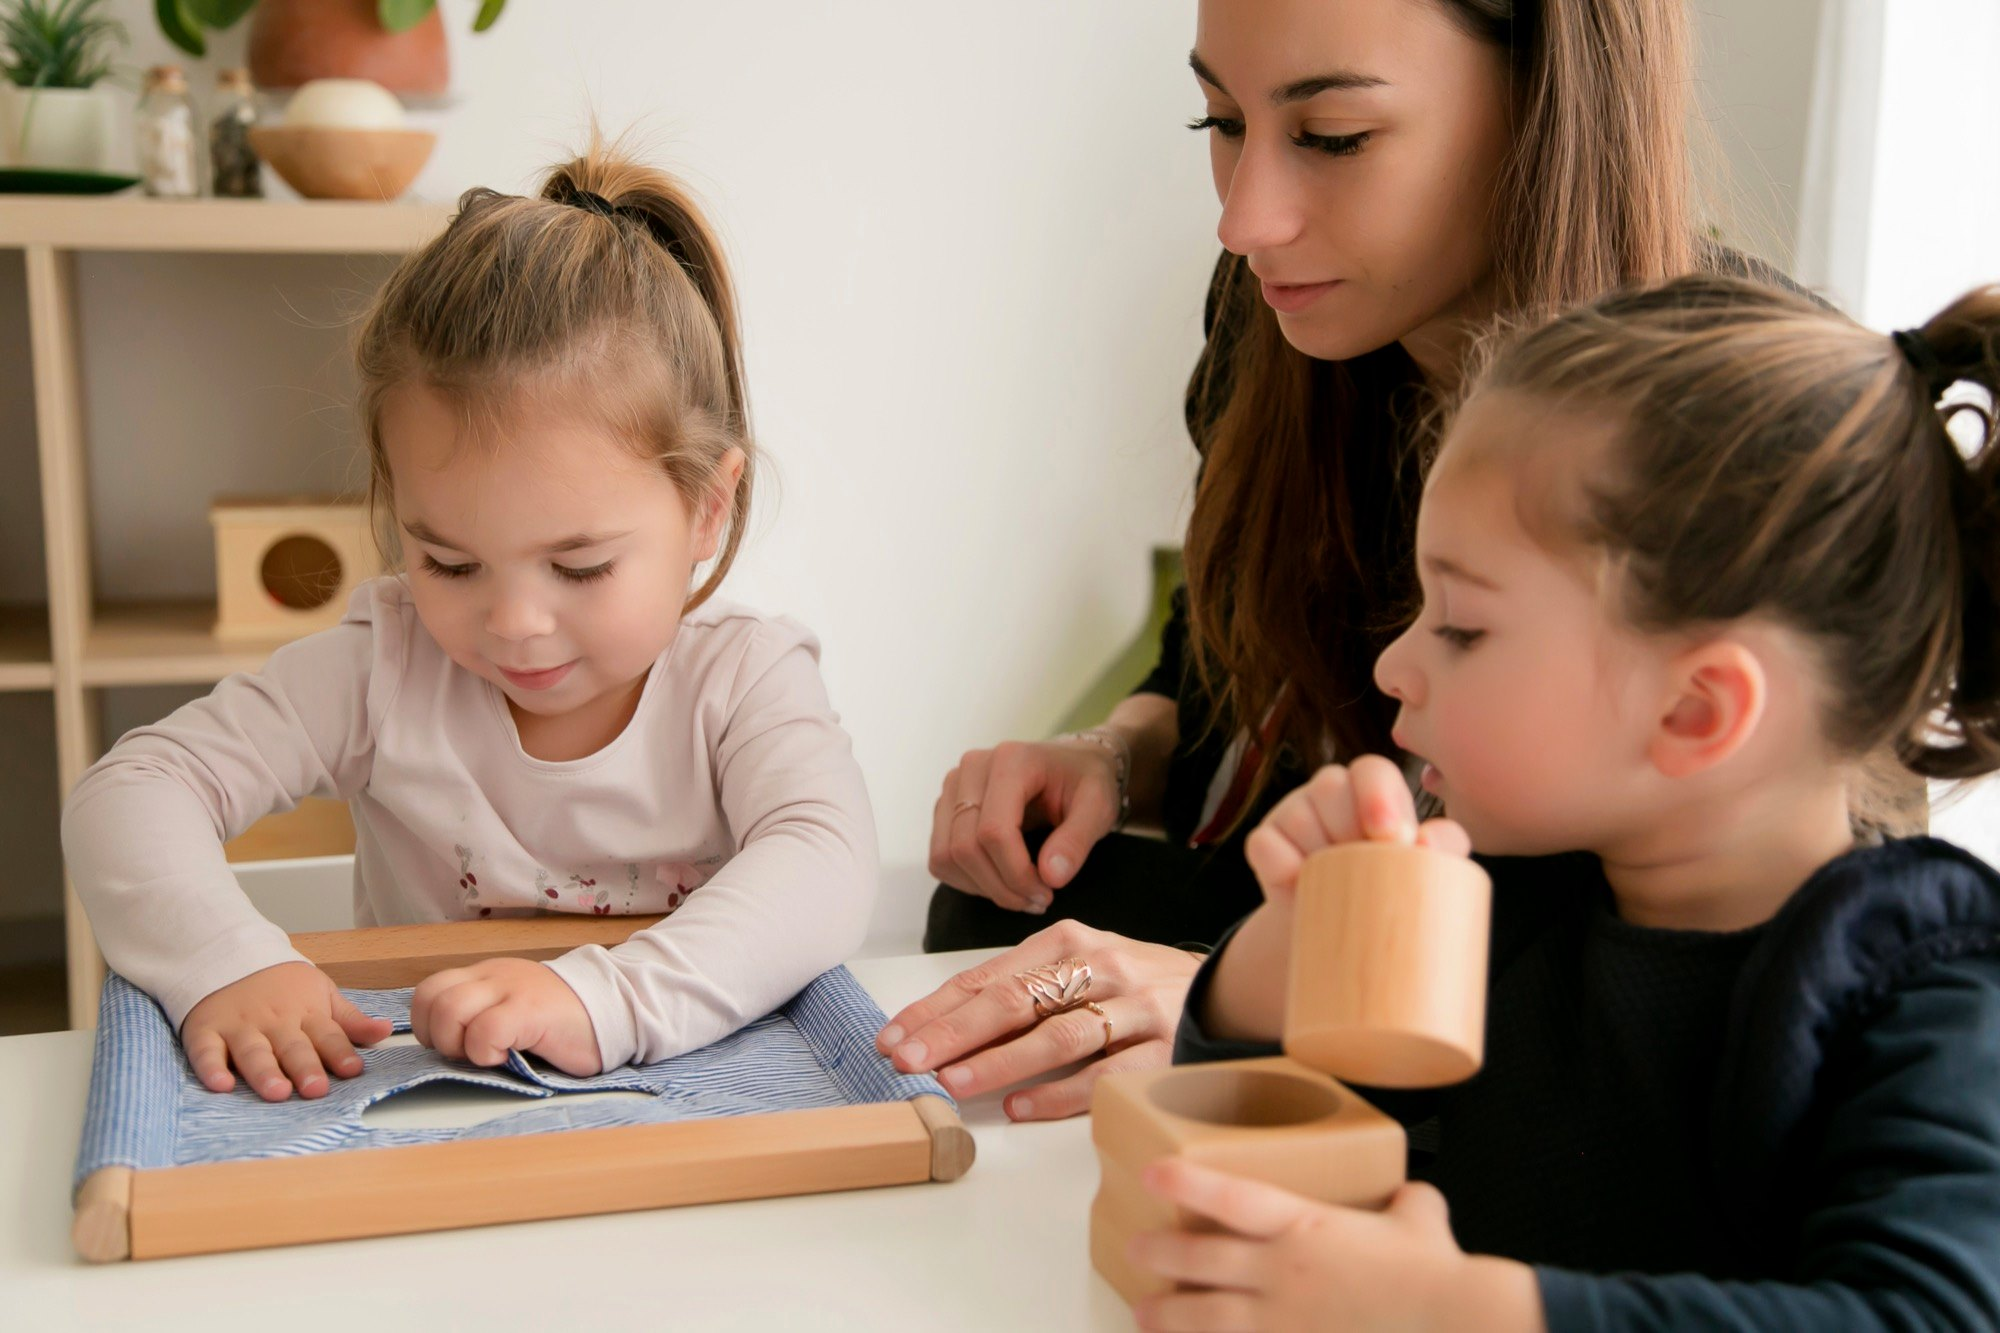 La pédagogie Montessori, témoignage d'Emilie BOUILLOT ; Emilie BOUILLOT, directrice du centre de formation « Montessori du 47 » explique dans un premier temps qu'il existe une forte confusion entre « pédagogie » et « méthode ». En effet, nous entendons régulièrement le terme « méthode Montessori » . En réalité, ce n'est pas une […]